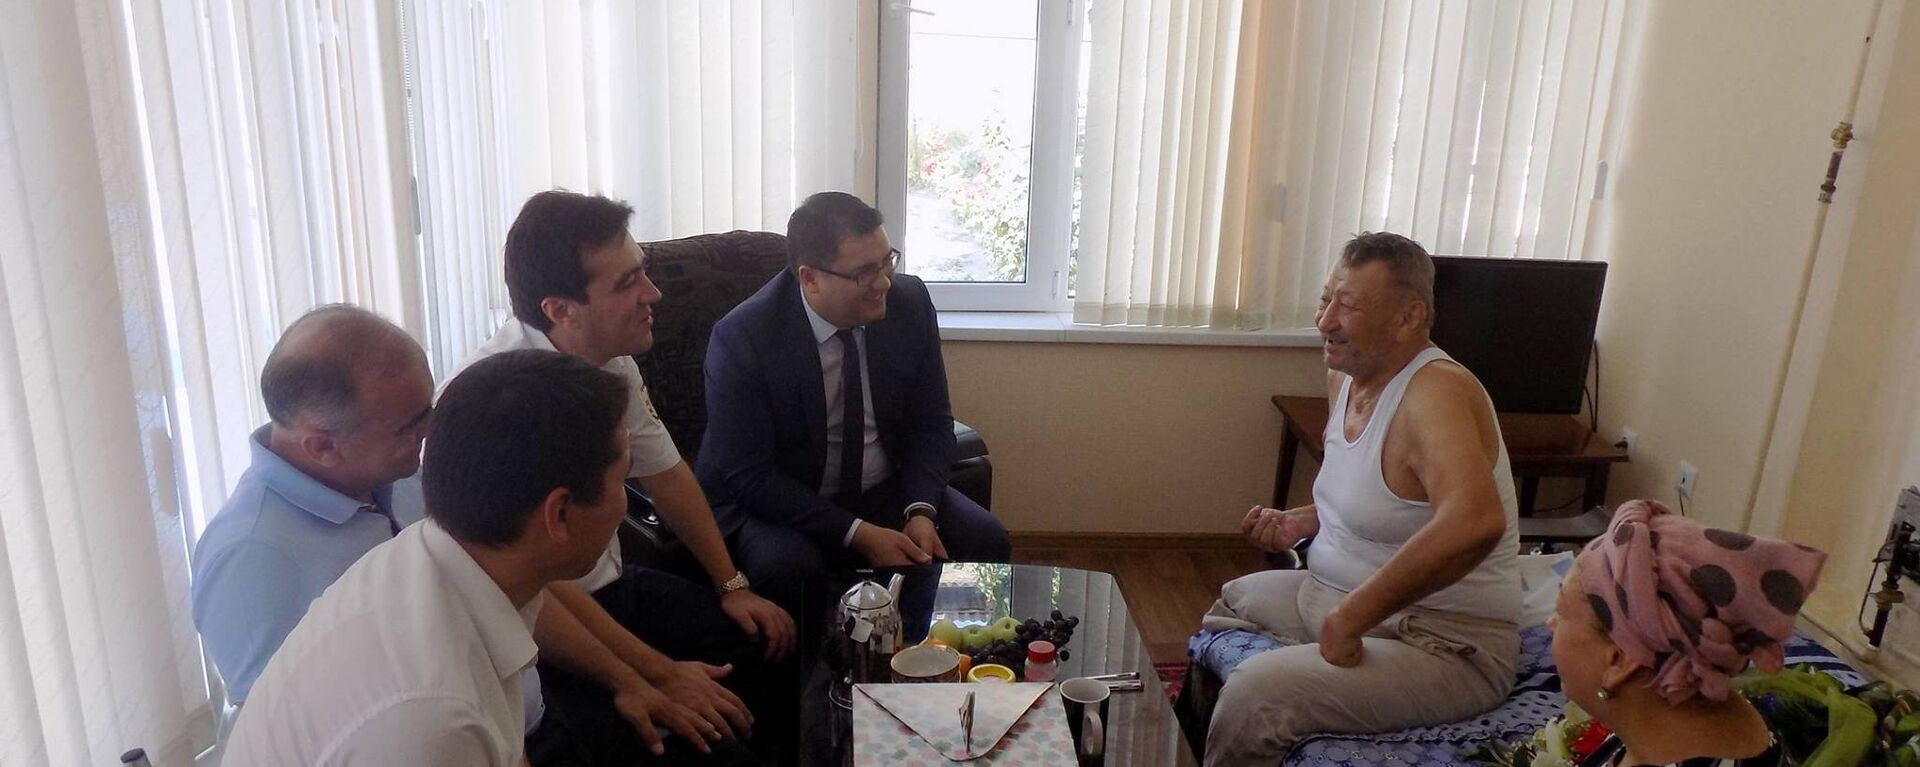 Сотрудники виртуальной приемной посетили Руфата Рискиева - Sputnik Узбекистан, 1920, 17.07.2017